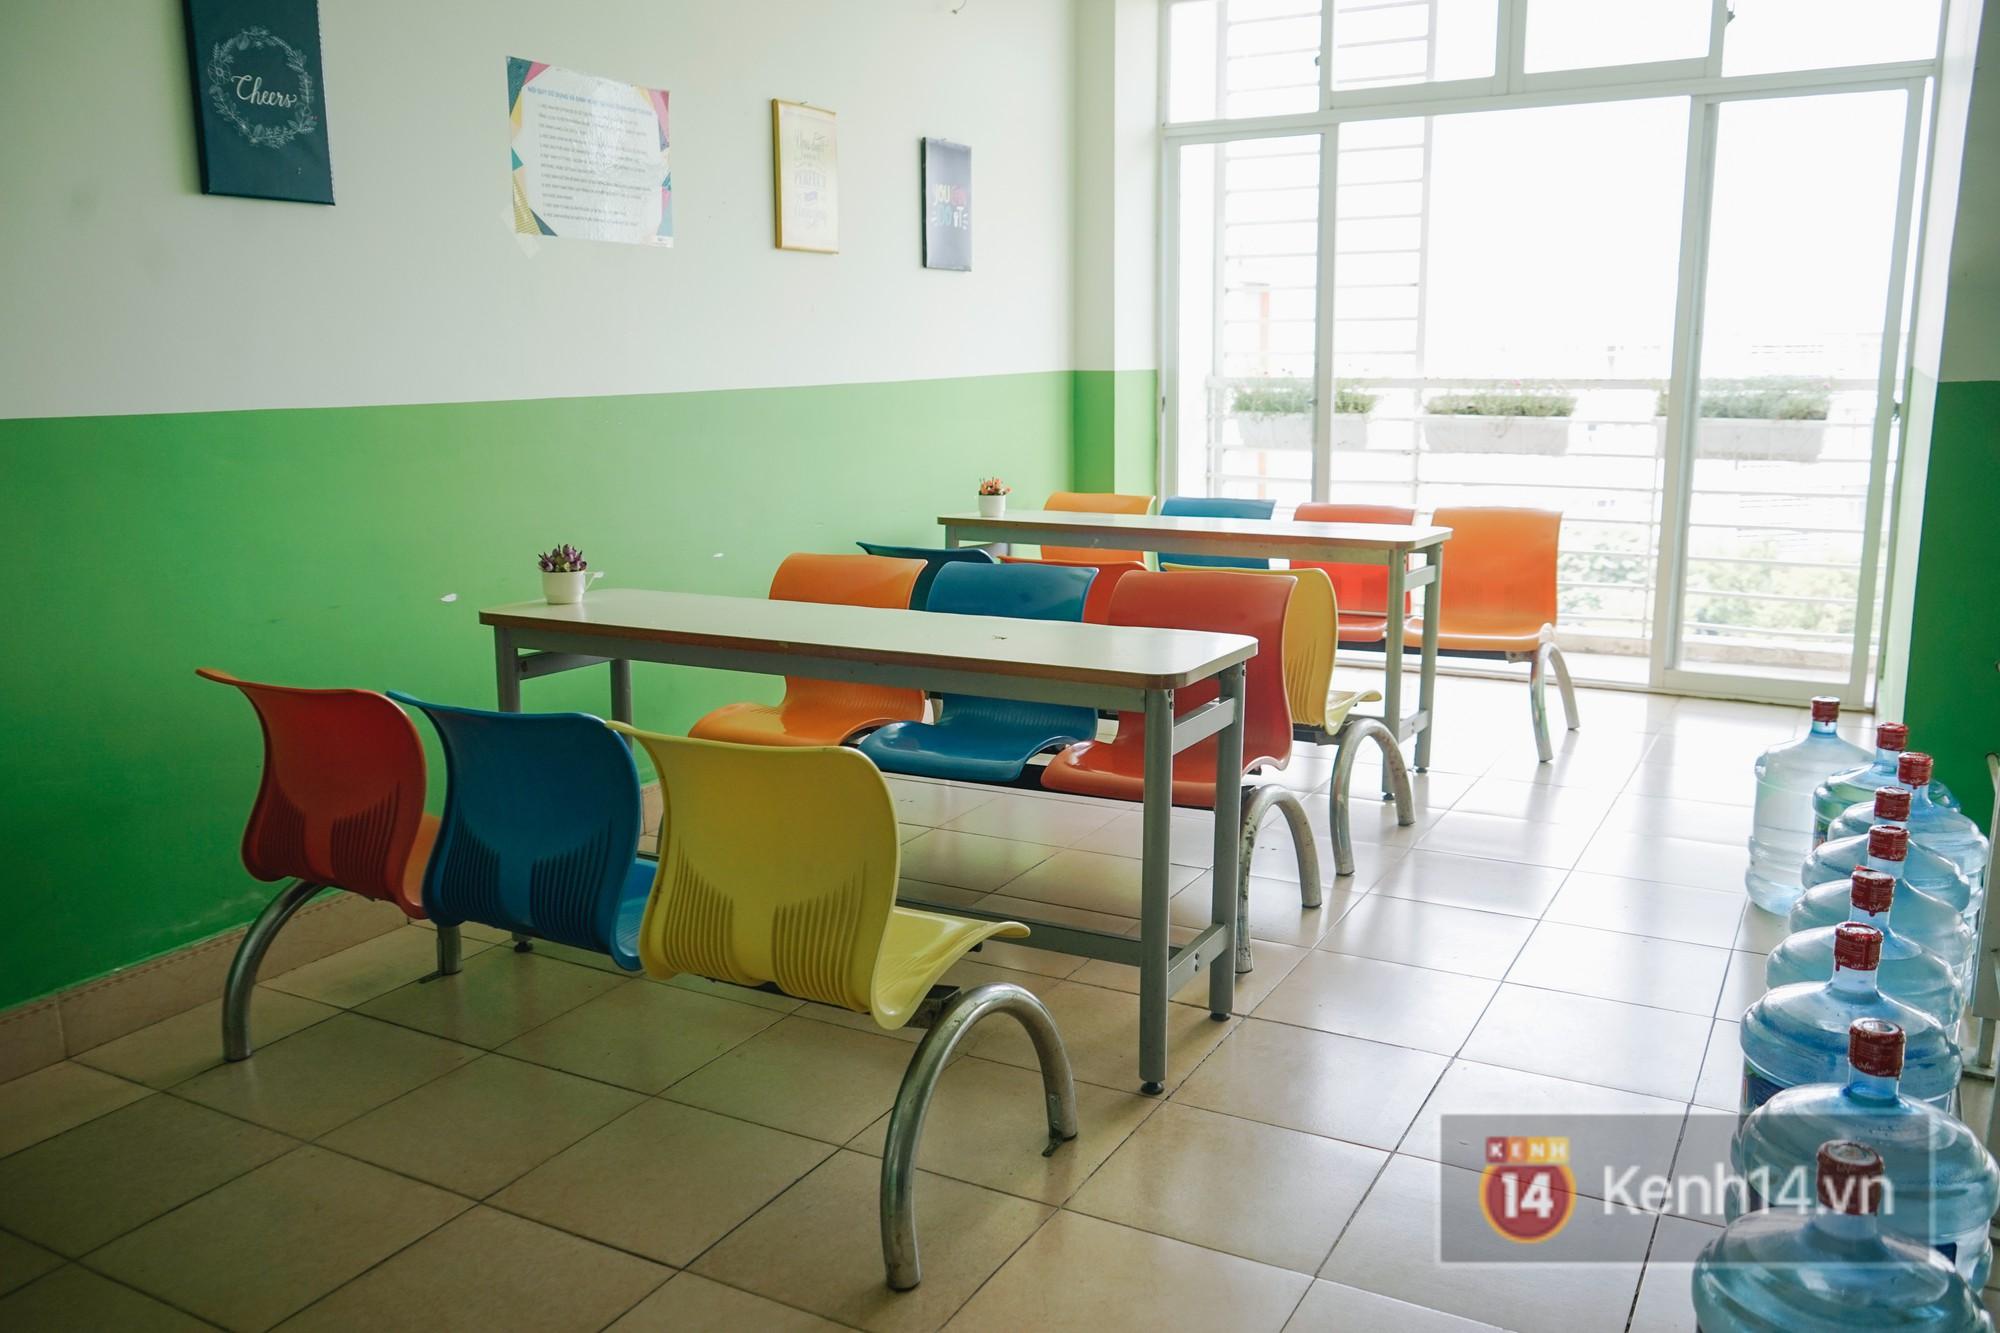 Mỗi tầng của các tòa ký túc xá đều có những khu vực cho sinh viên ngồi tán gẫu, tâm sự hay học bài.